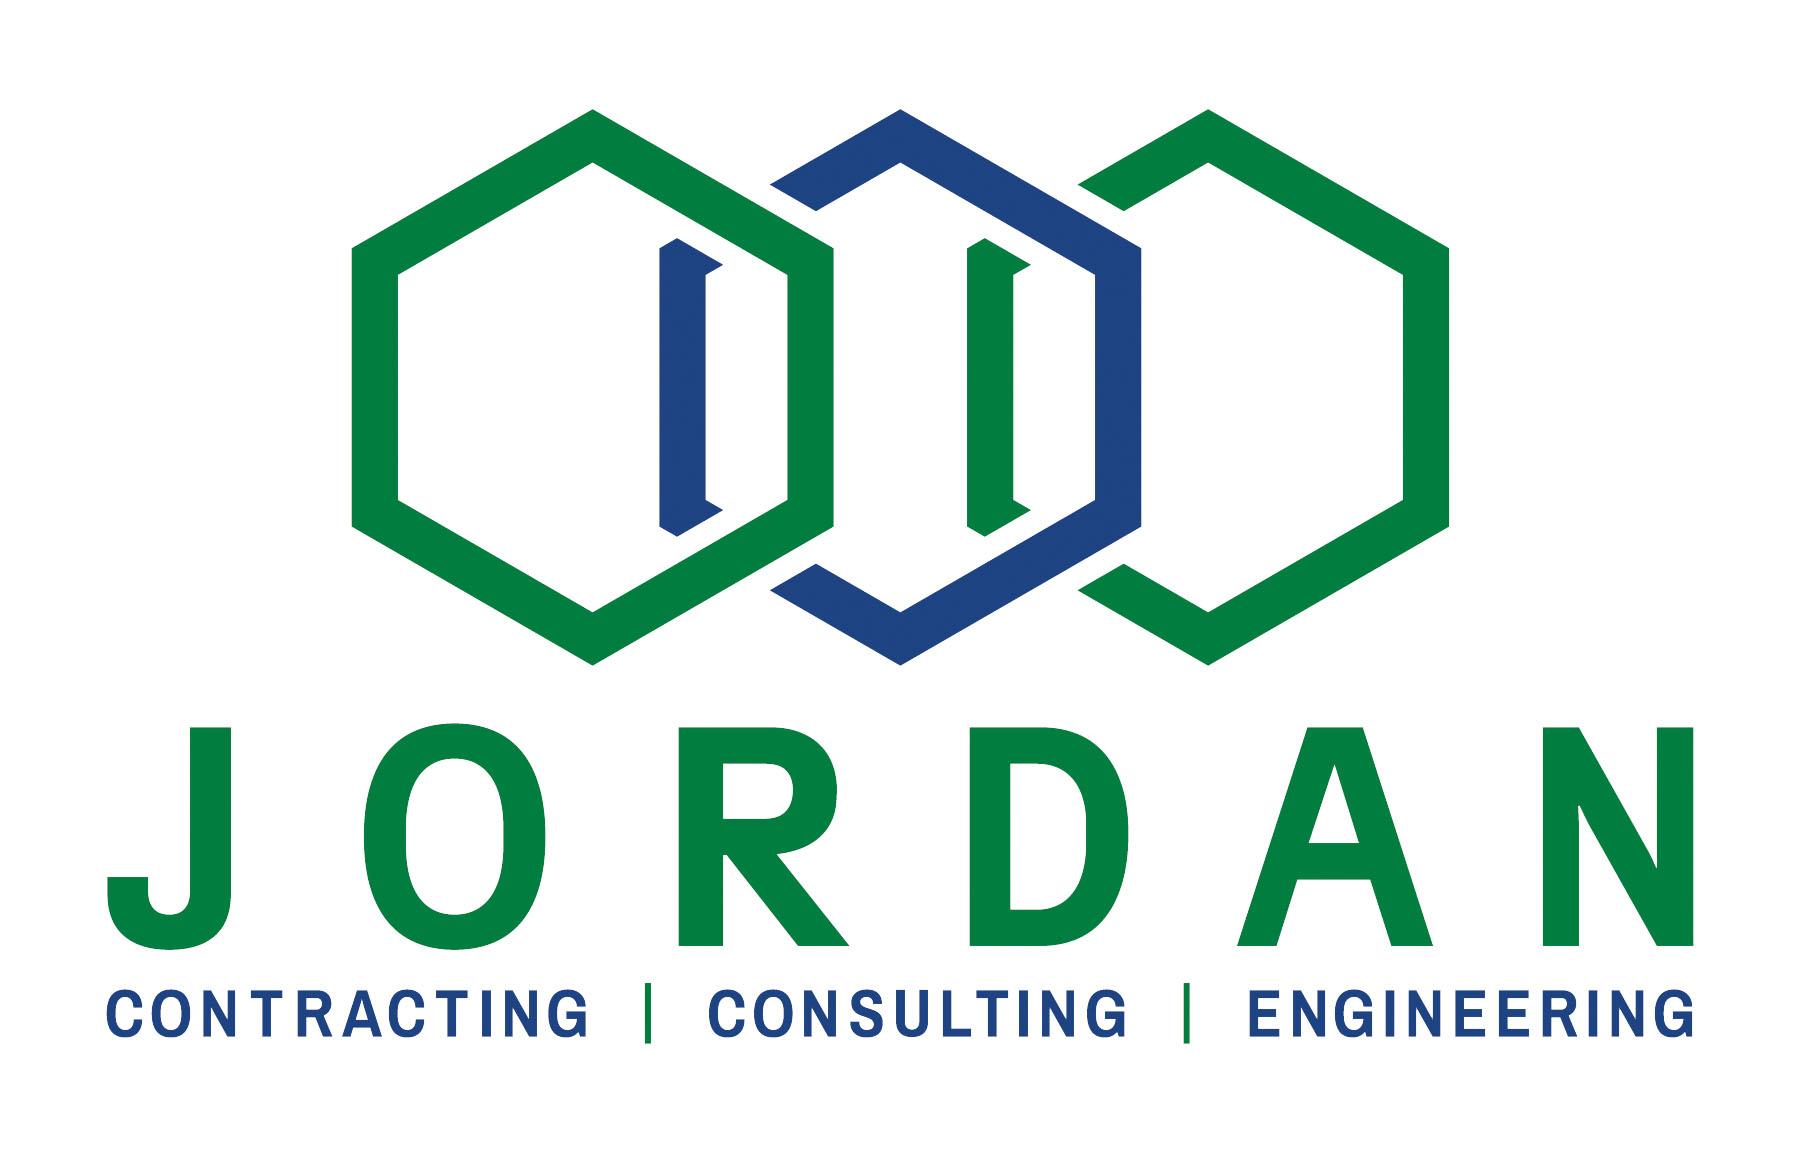 JordanLogo-RGB.jpg